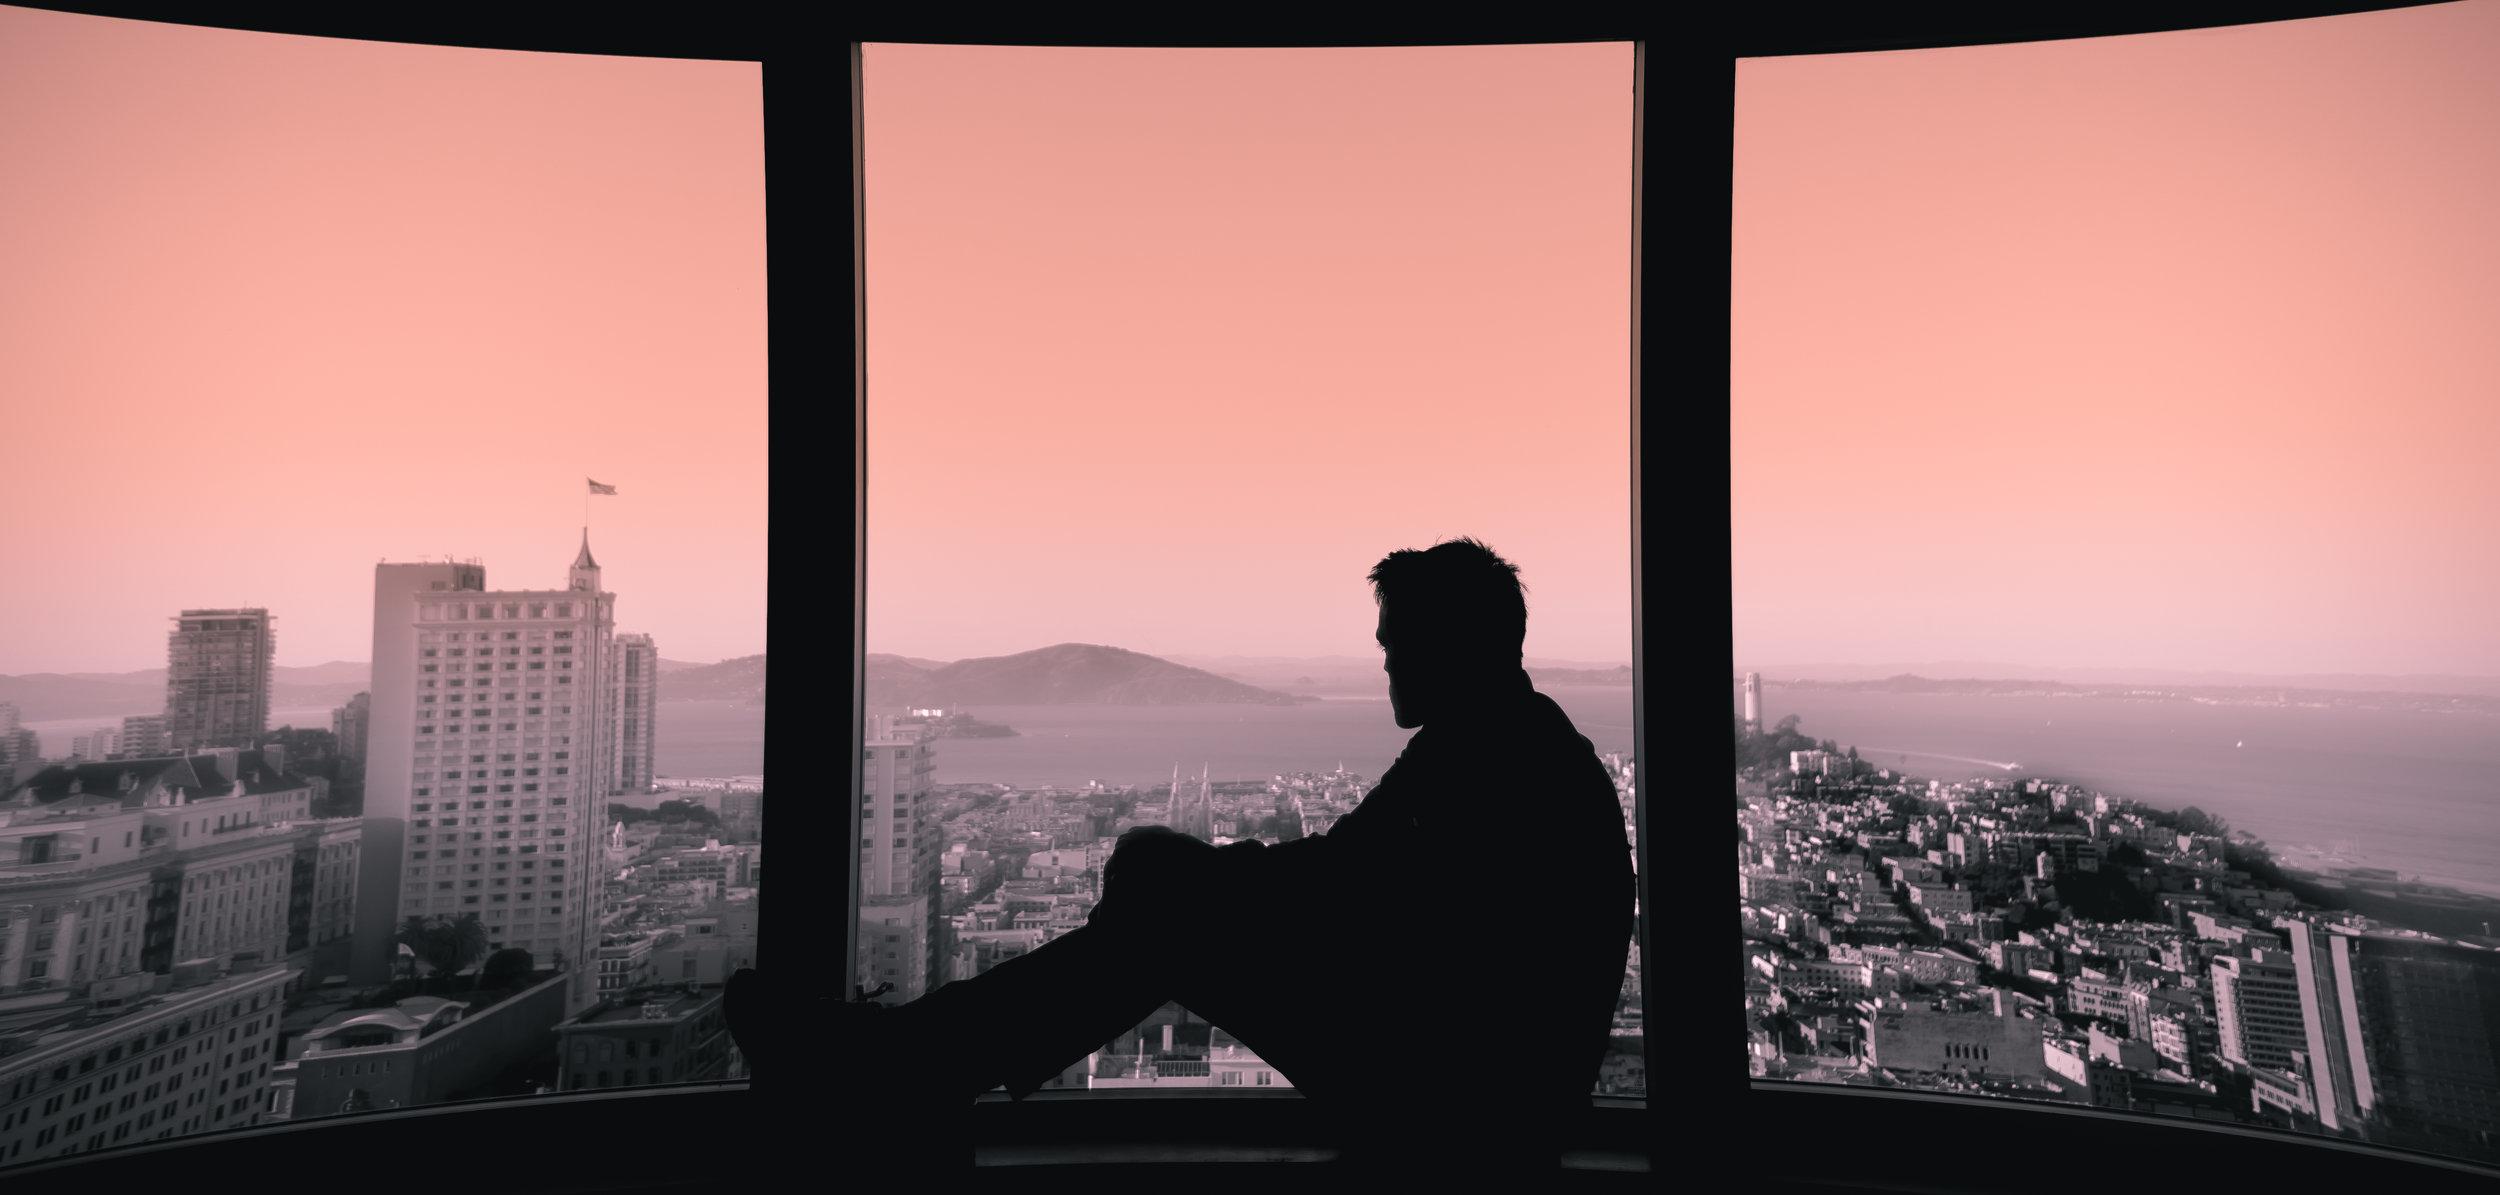 Miedo a salir solo fuera de casa - Este temor aúna todos los anteriores y es el más discapacitante. El miedo inunda a la persona hasta el punto de no sentirse seguro fuera de casa y necesitar en todo momento la compañía de alguna persona de confianza, normalmente familiar o amigo cercano.